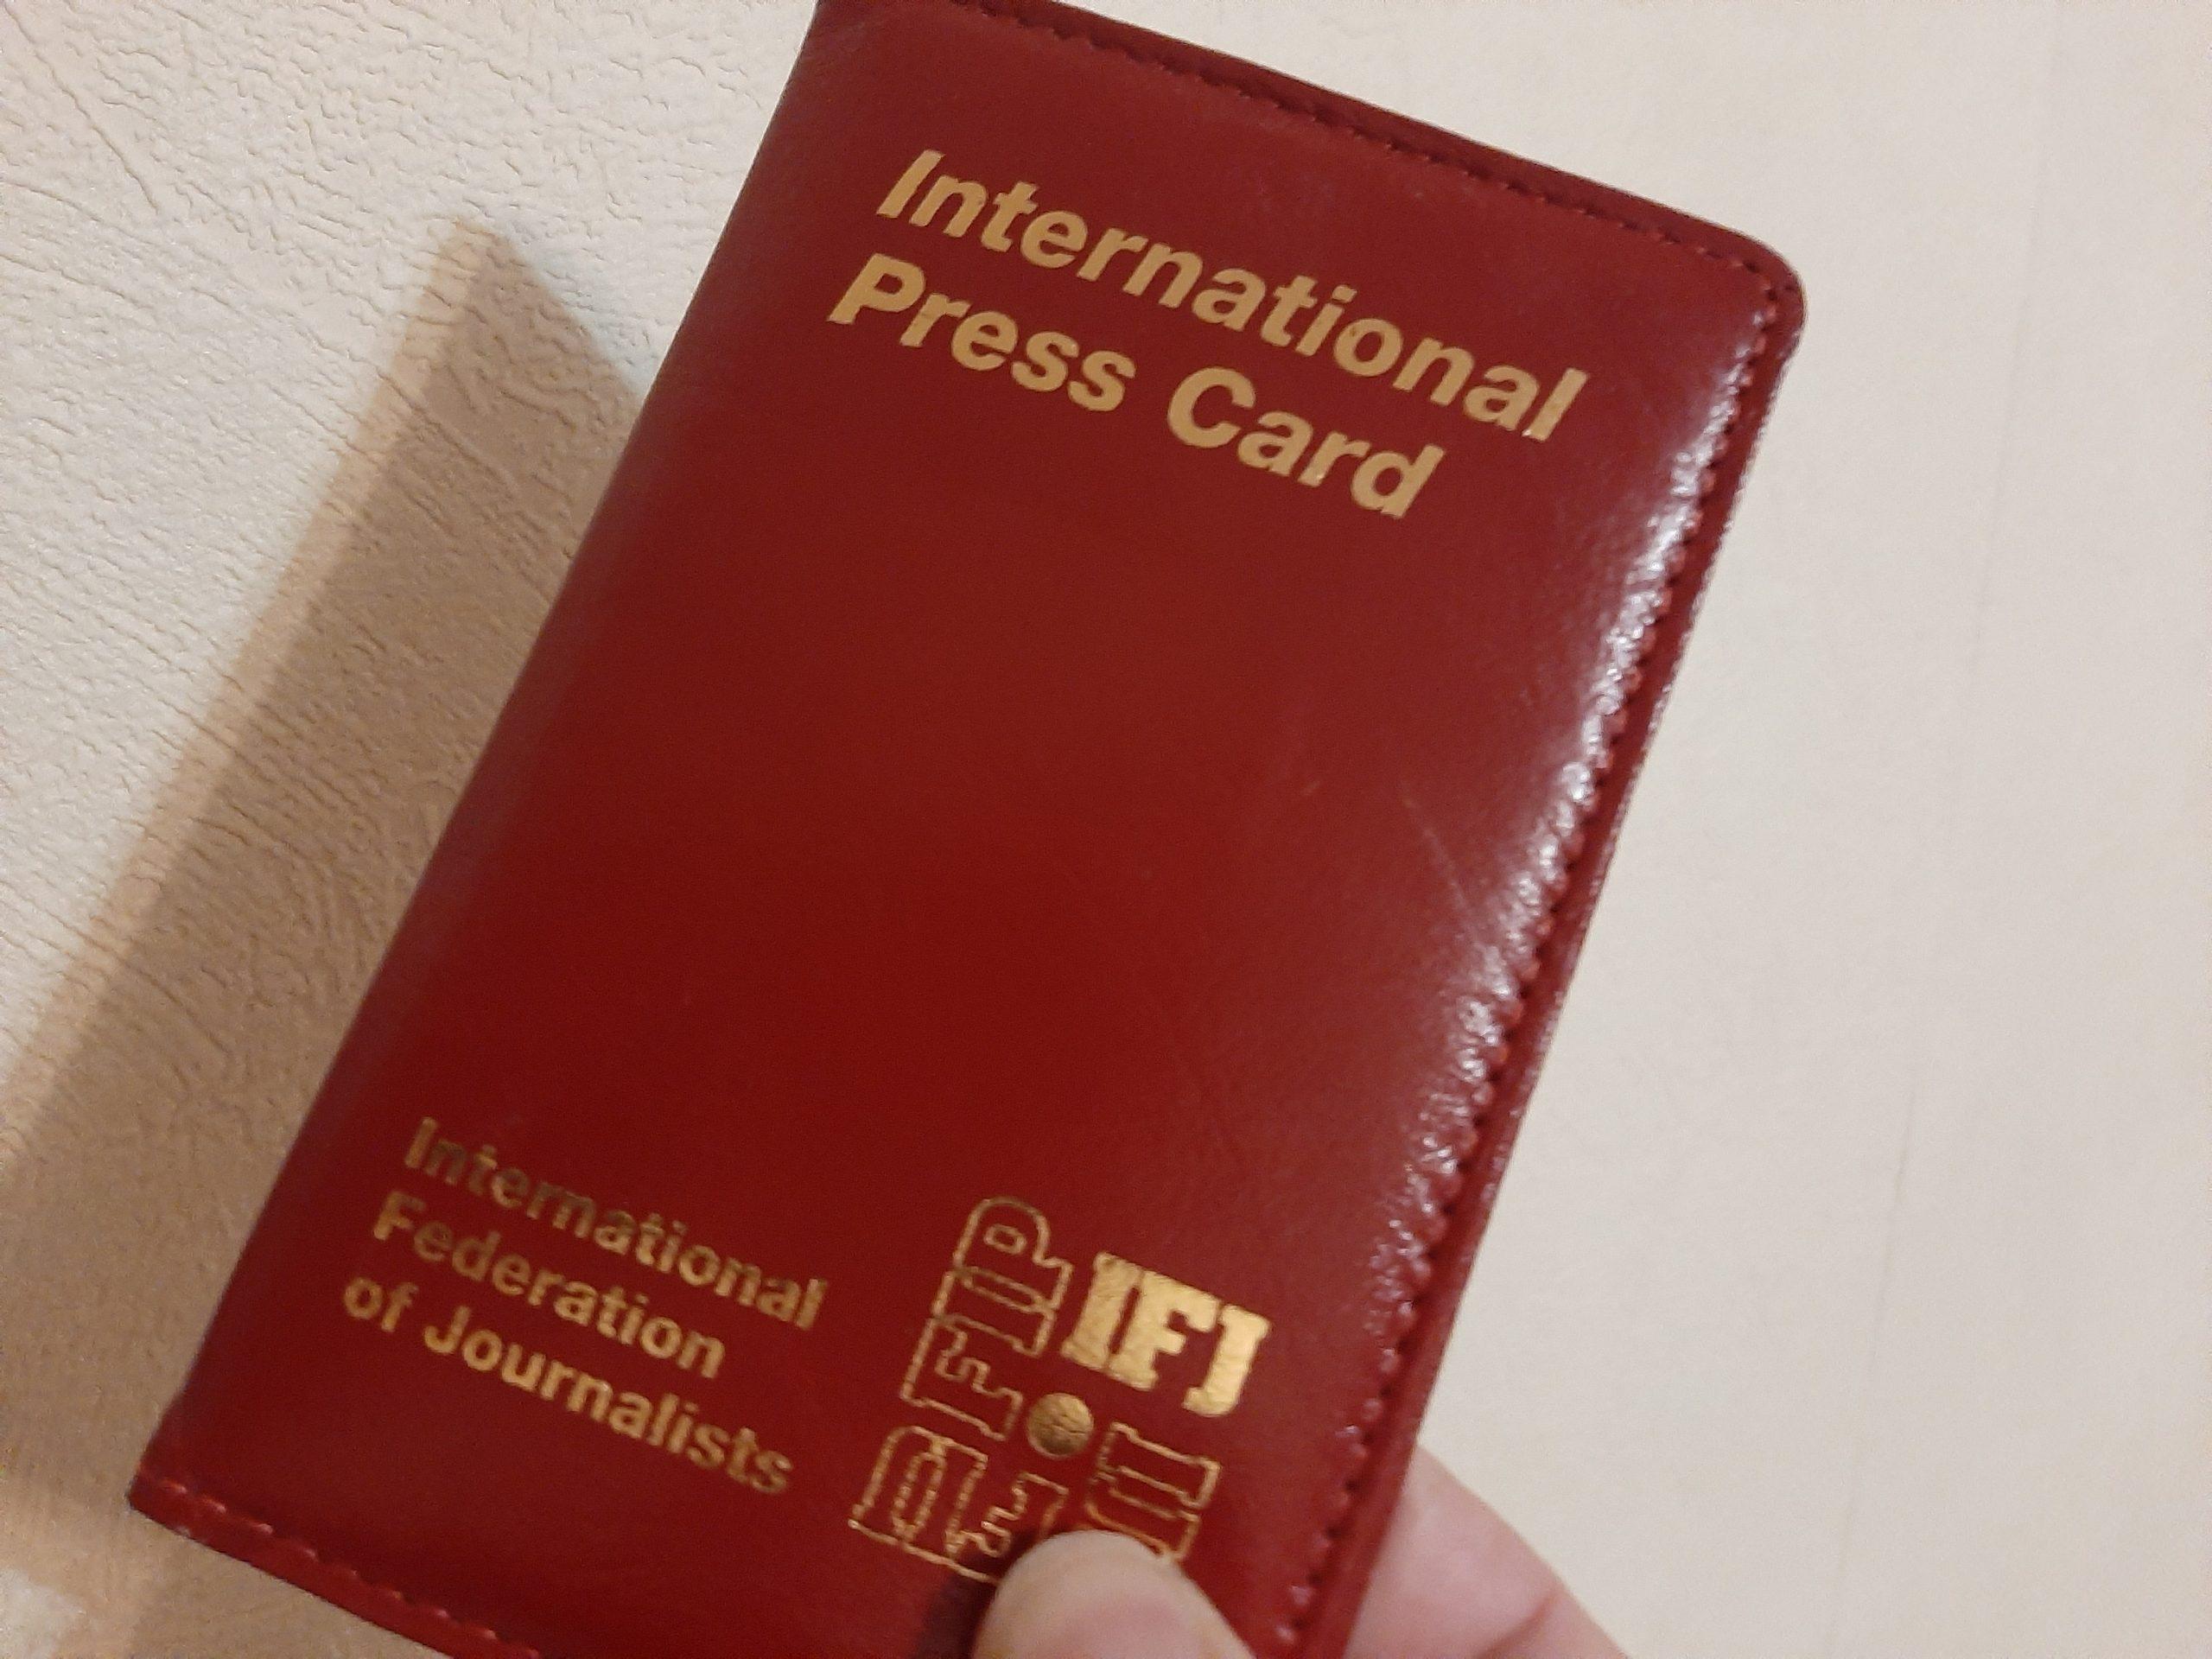 Journalistes, demandez votre carte de presse internationale